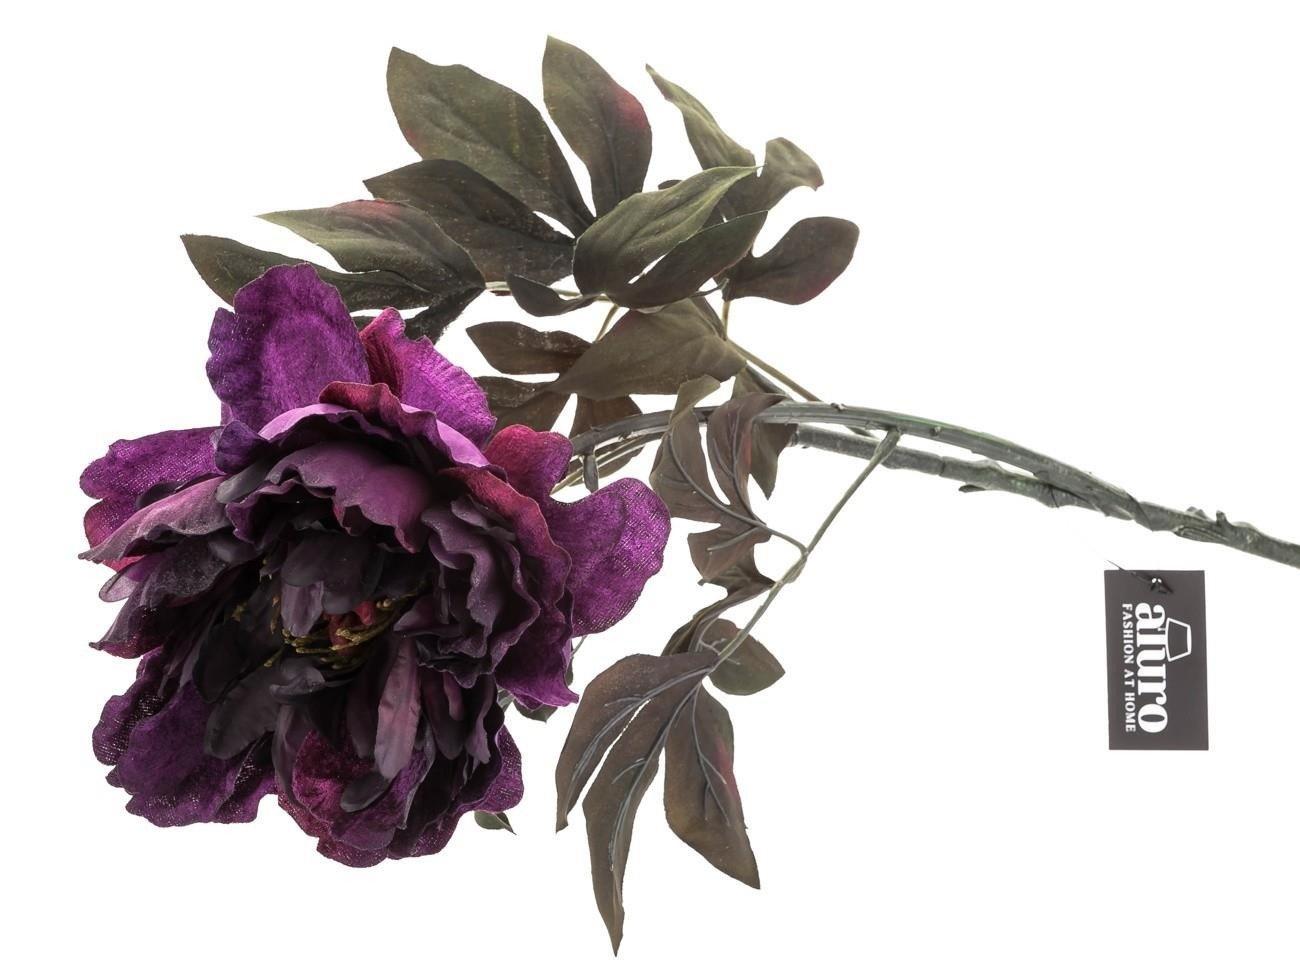 Kwiat Sztuczny Piwoniaaluro Asortyment Produkty